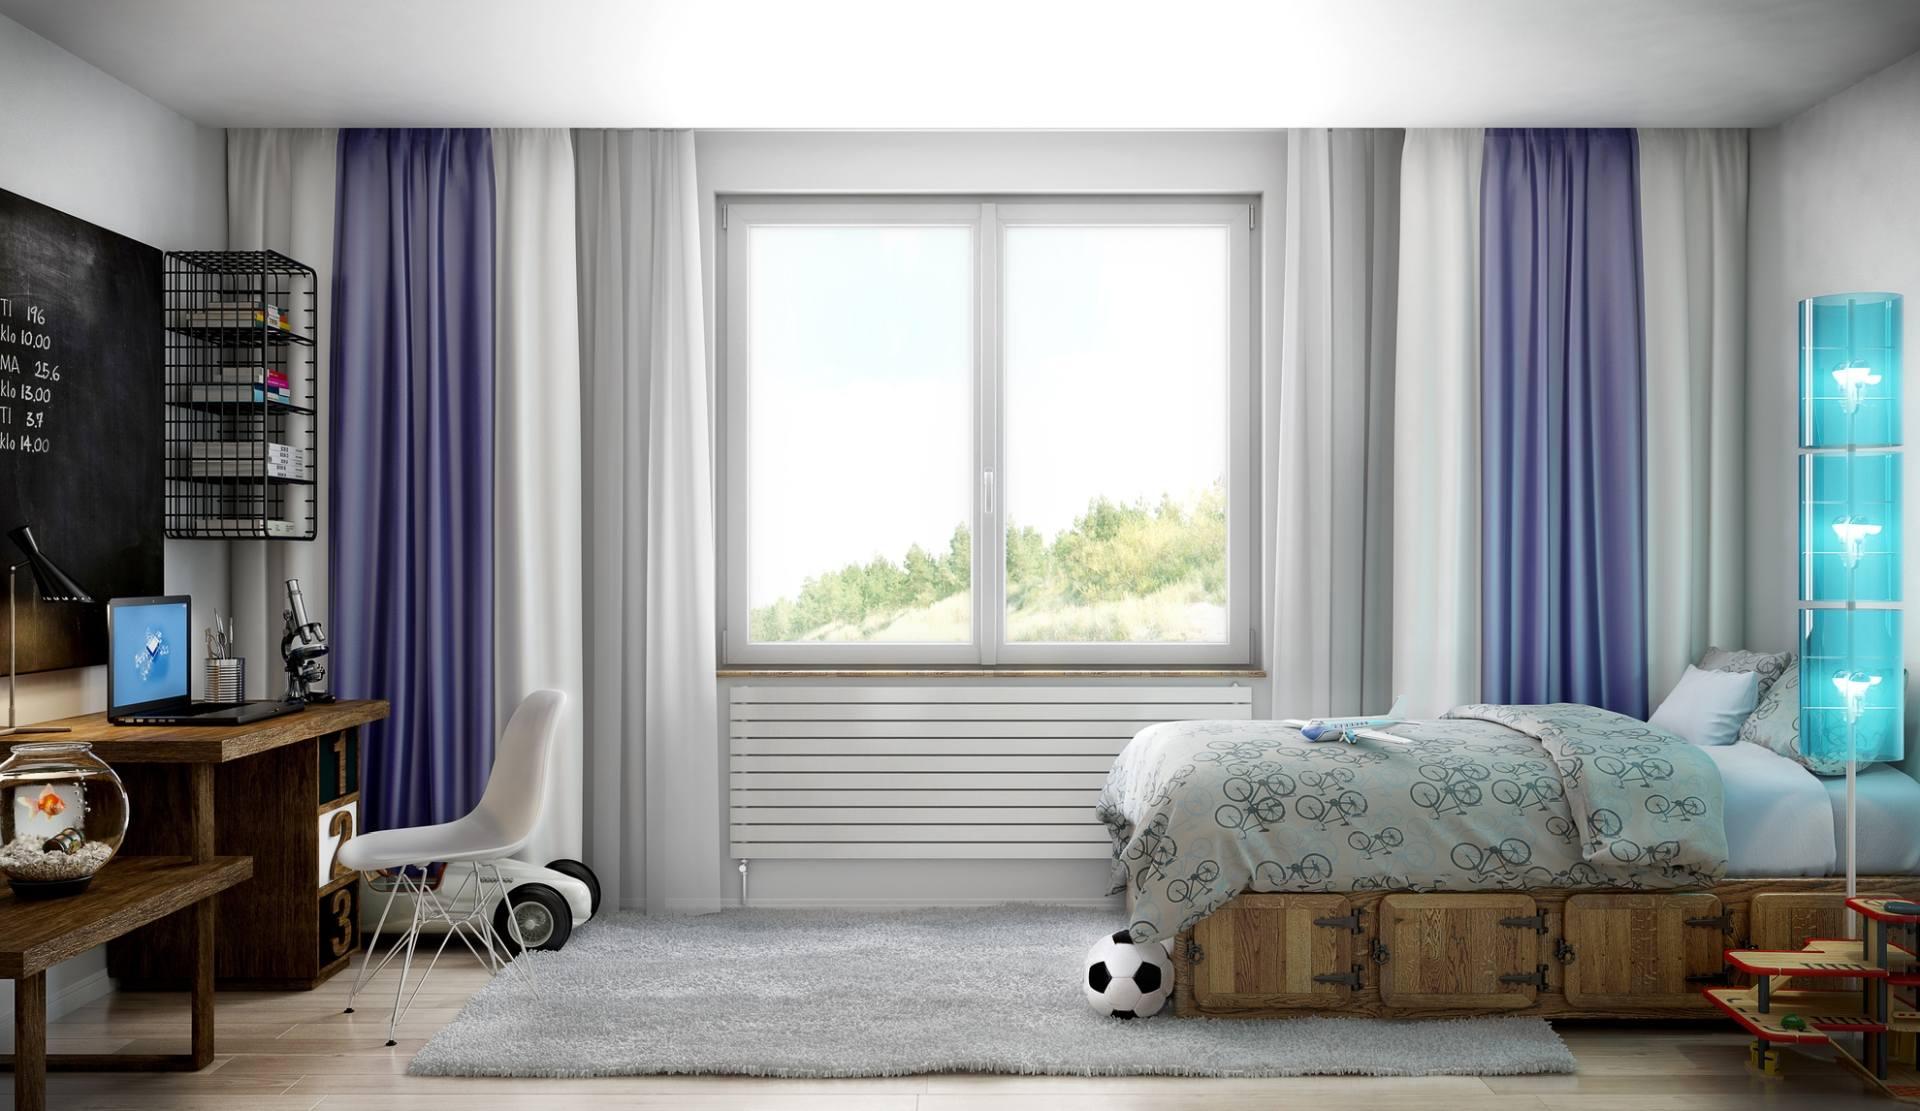 camera da letto con finestra centrale